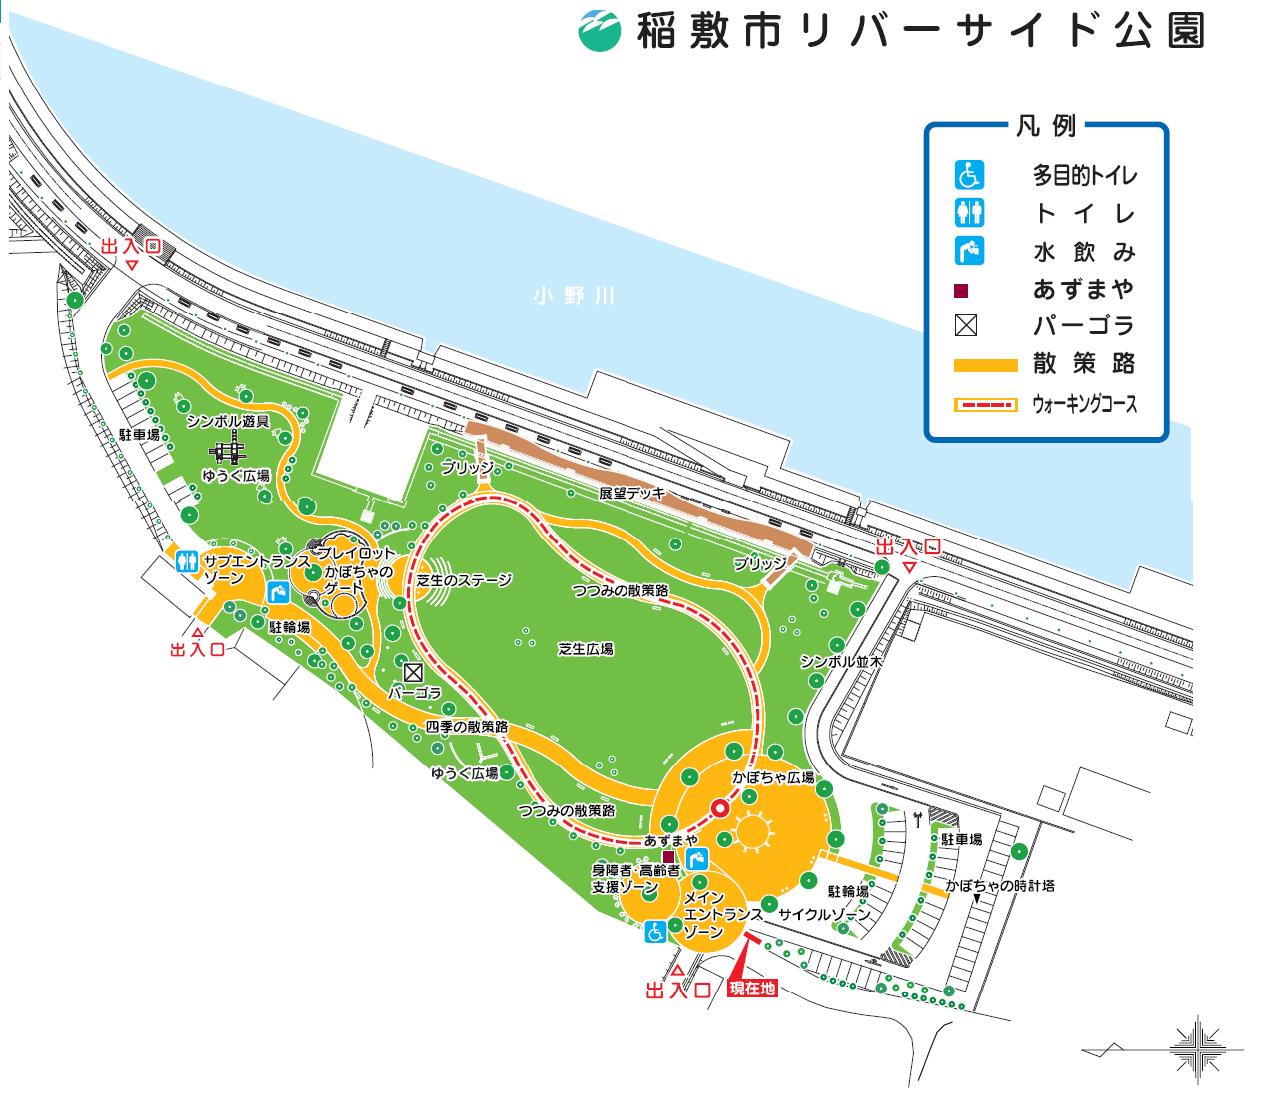 『リバーサイド公園平面図』の画像